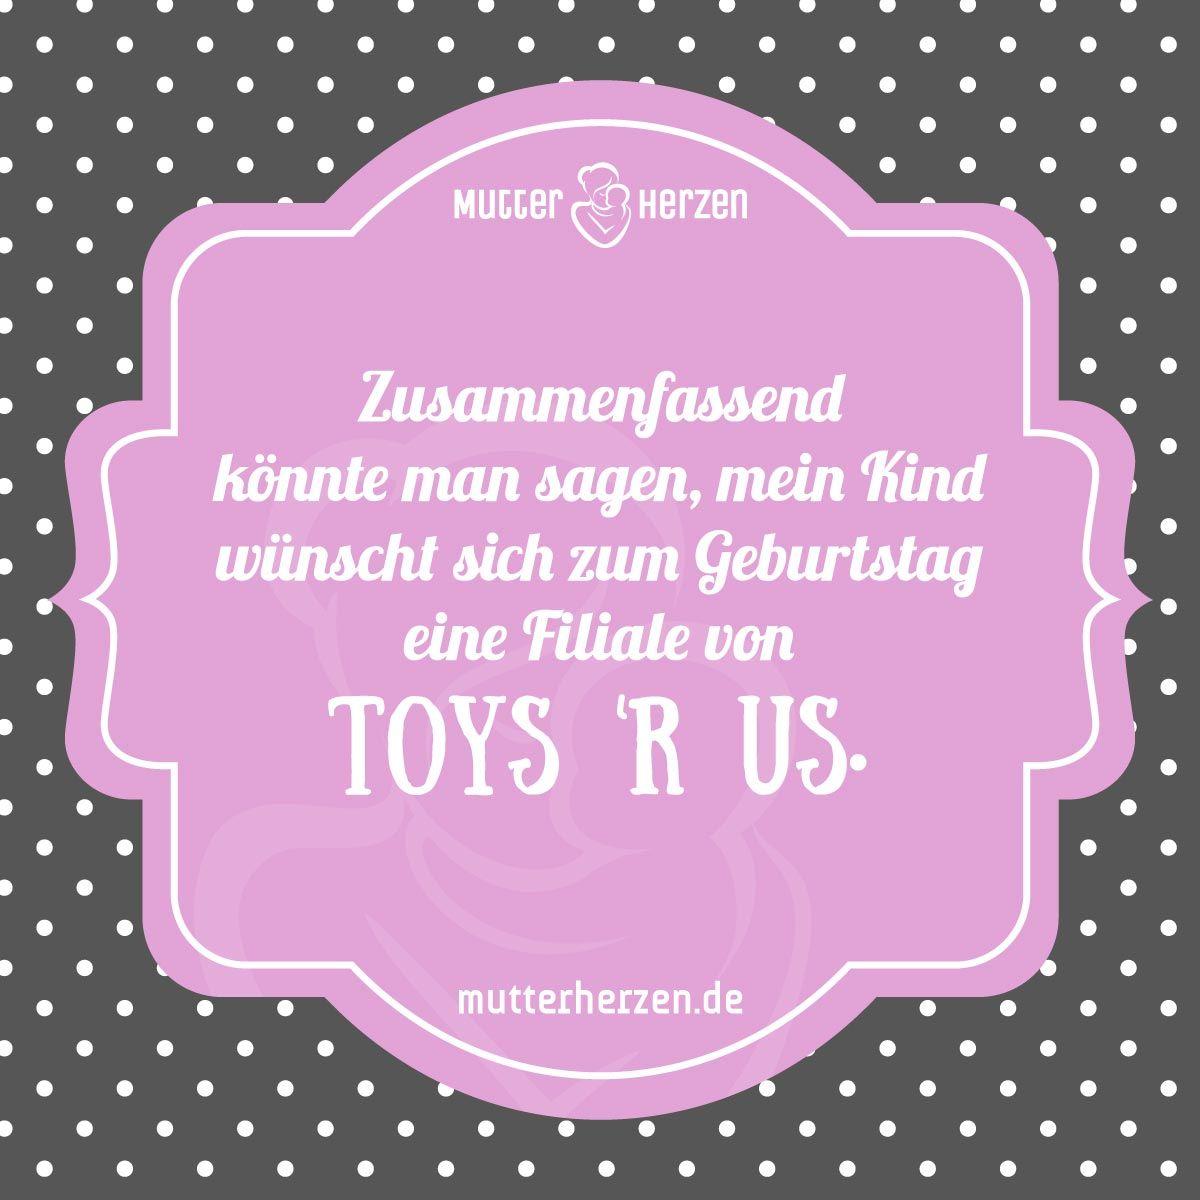 Kinder Haben Manchmal Große Wünsche Mehr Lustige Sprüche Auf:  Www.mutterherzen.de #